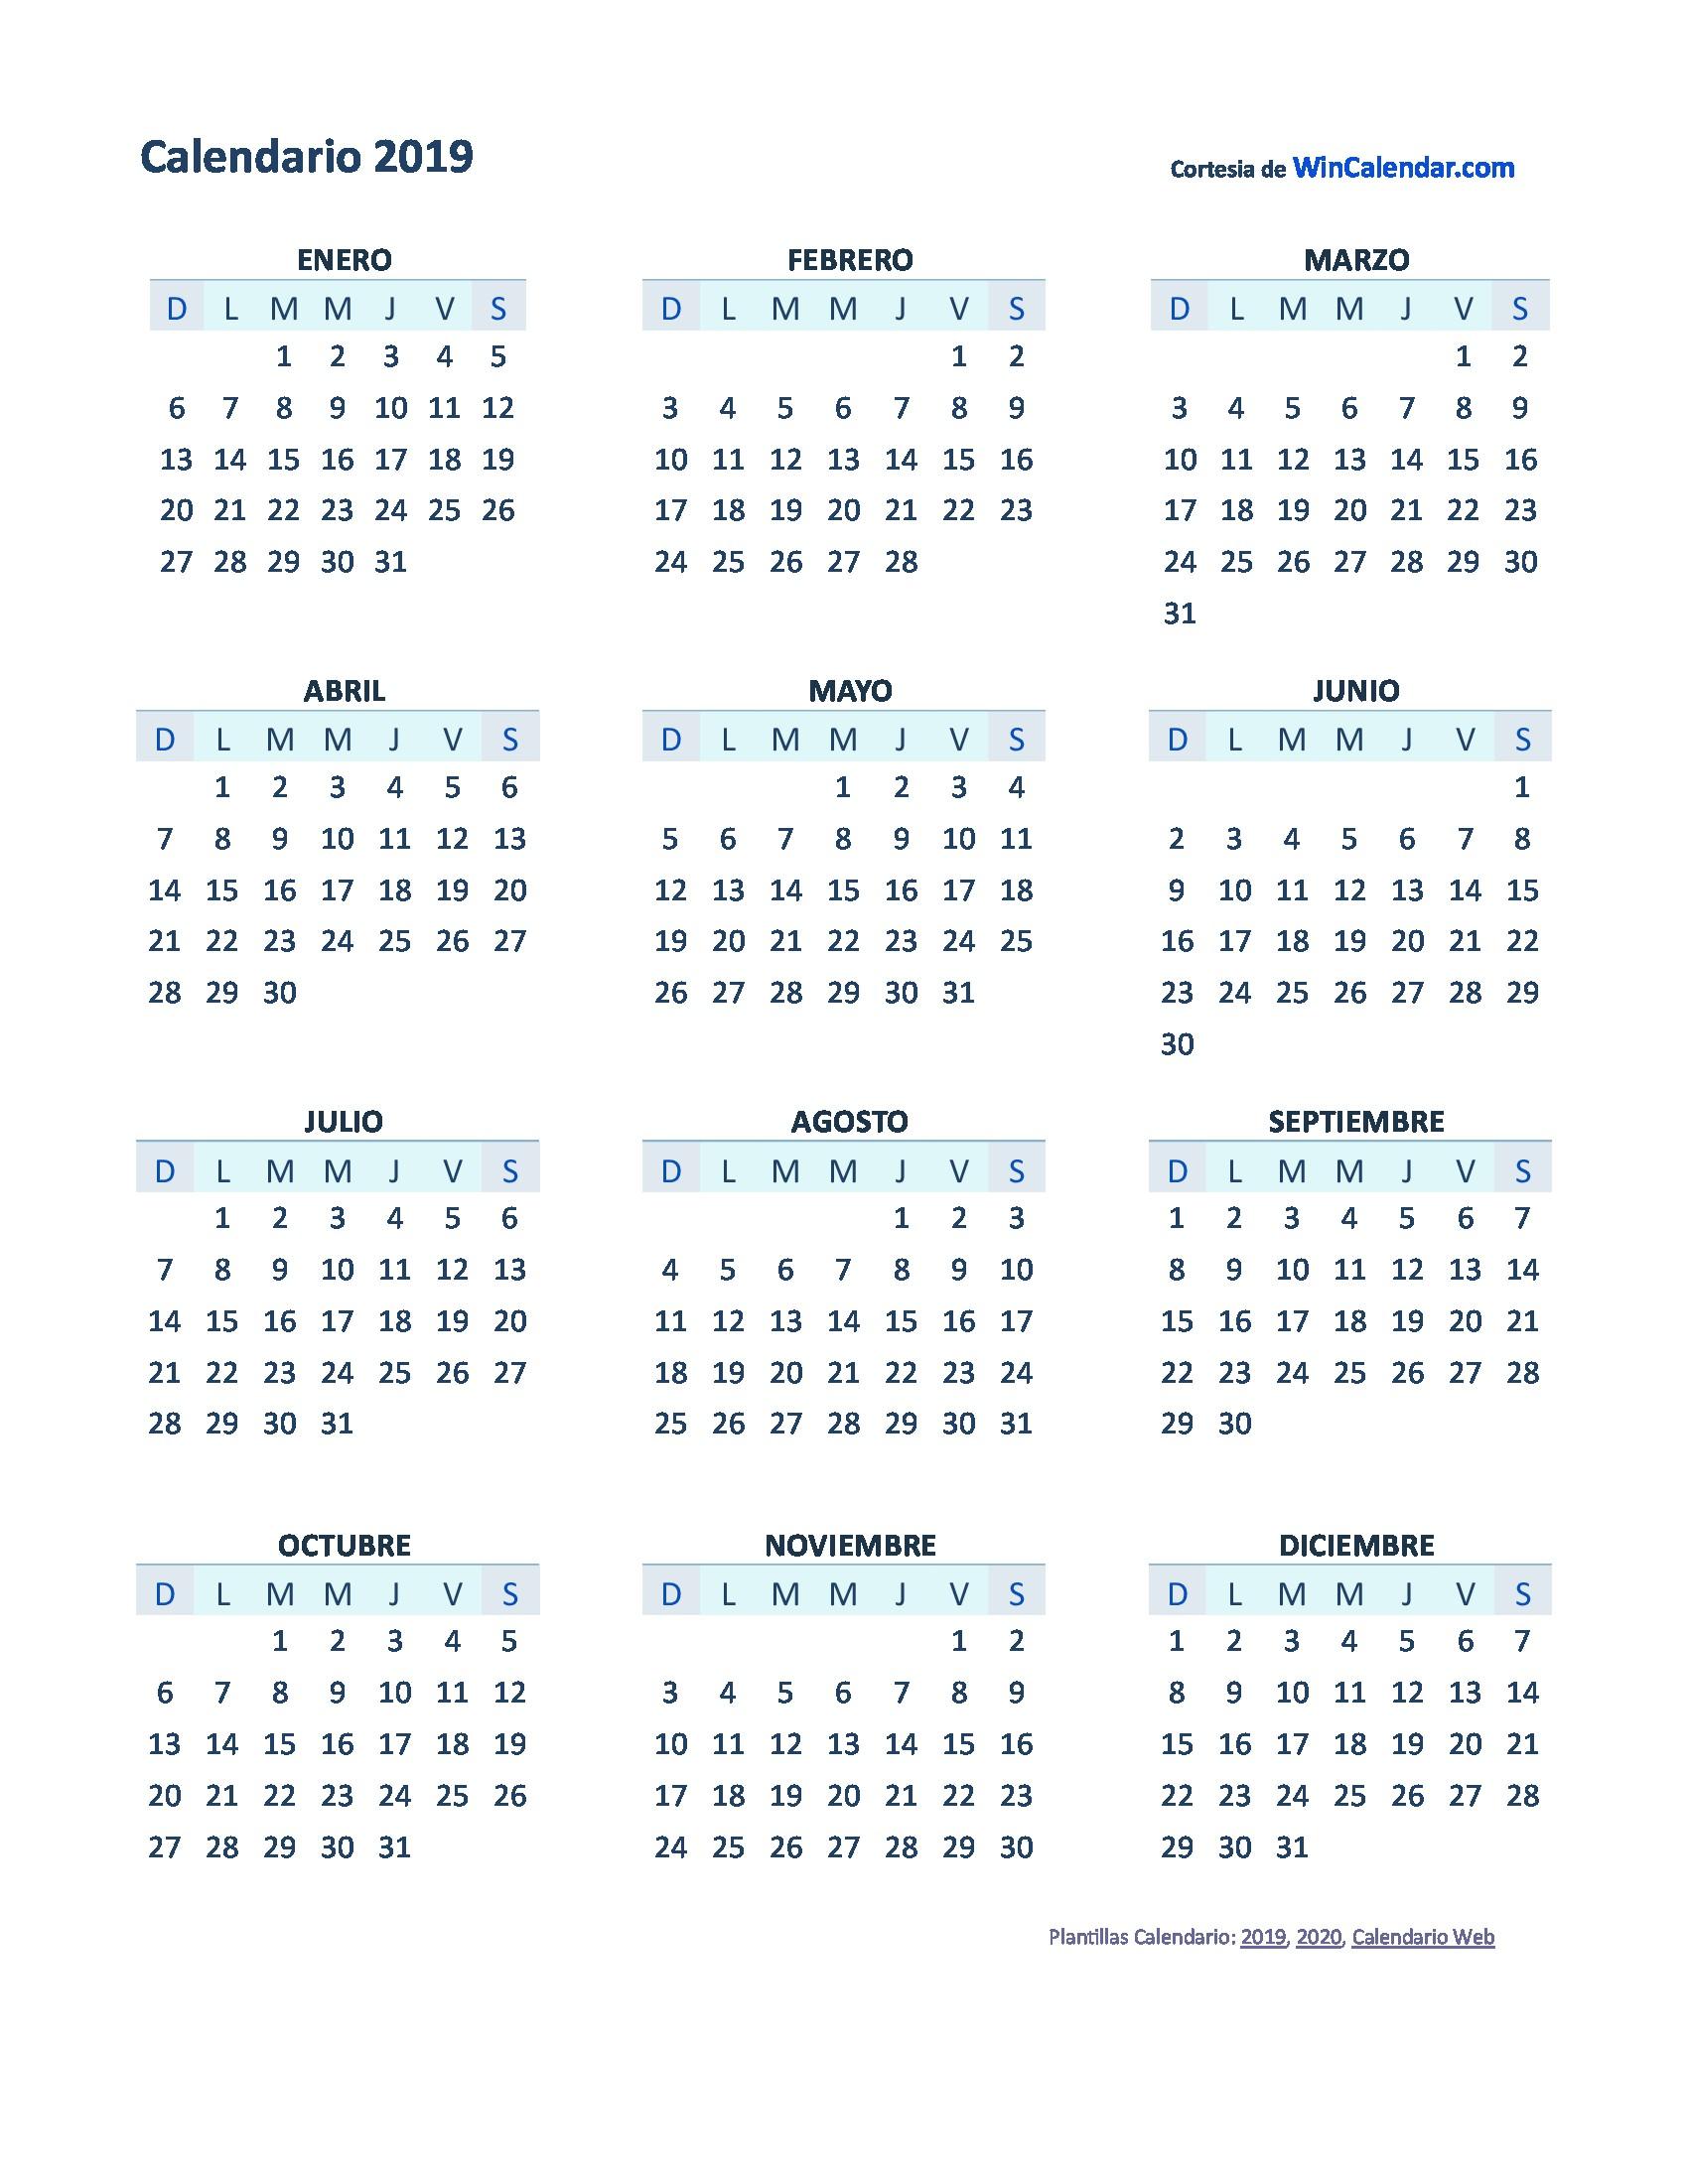 Calendario 2020 Dias Festivos España Actual Calendarios Del Mes Zoroaggs Of Calendario 2020 Dias Festivos España Más Actual Espanolbycenter Embarazo Calendario Del Embarazo